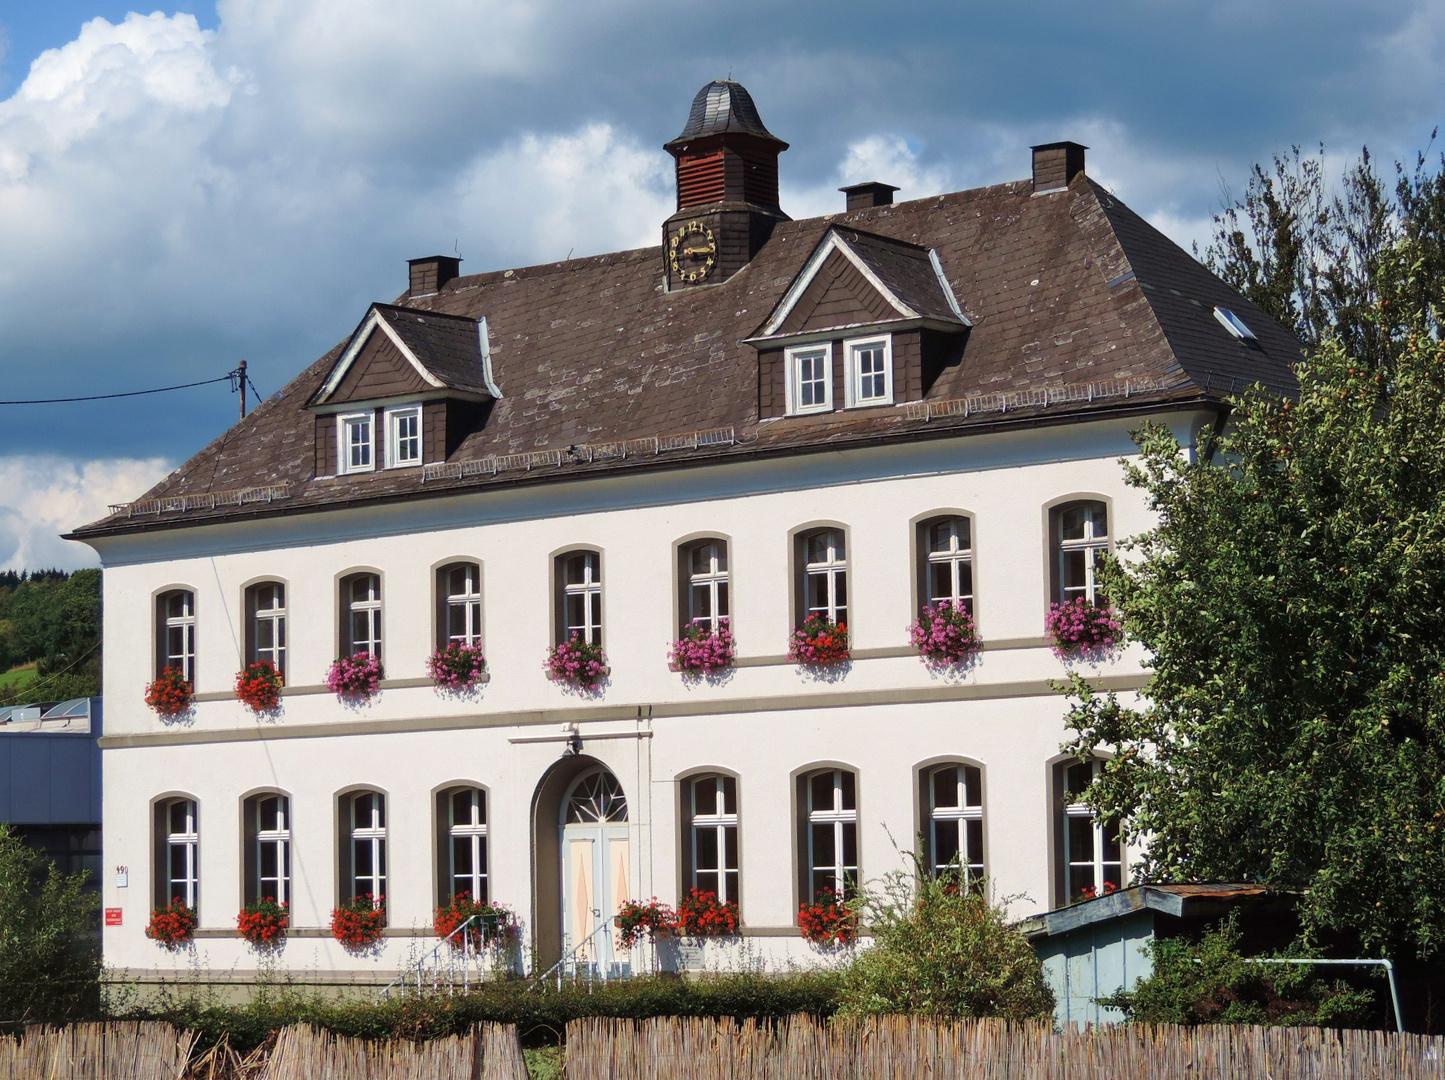 B rgerhaus in siegen seelbach foto bild architektur l ndliche architektur stadt siegen - Architektur siegen ...